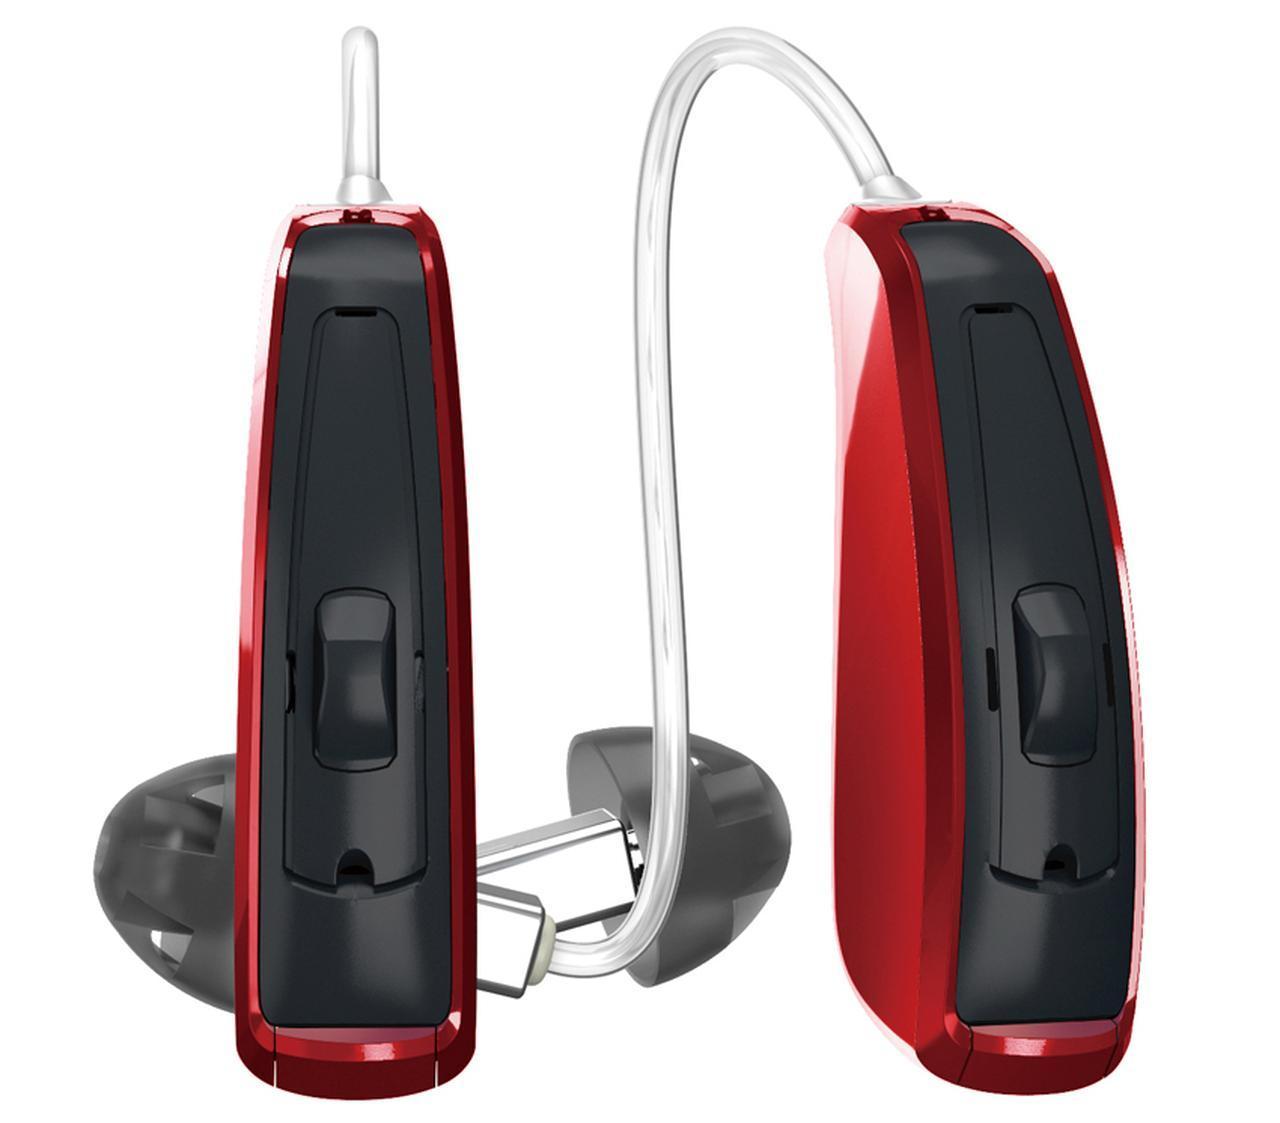 画像: 耳かけ型 適応難聴度:軽・中・高・重 電池寿命:約16時間(充電式) スマホ連係:専用アプリ 音質調整メモリー:全自動で調整可能